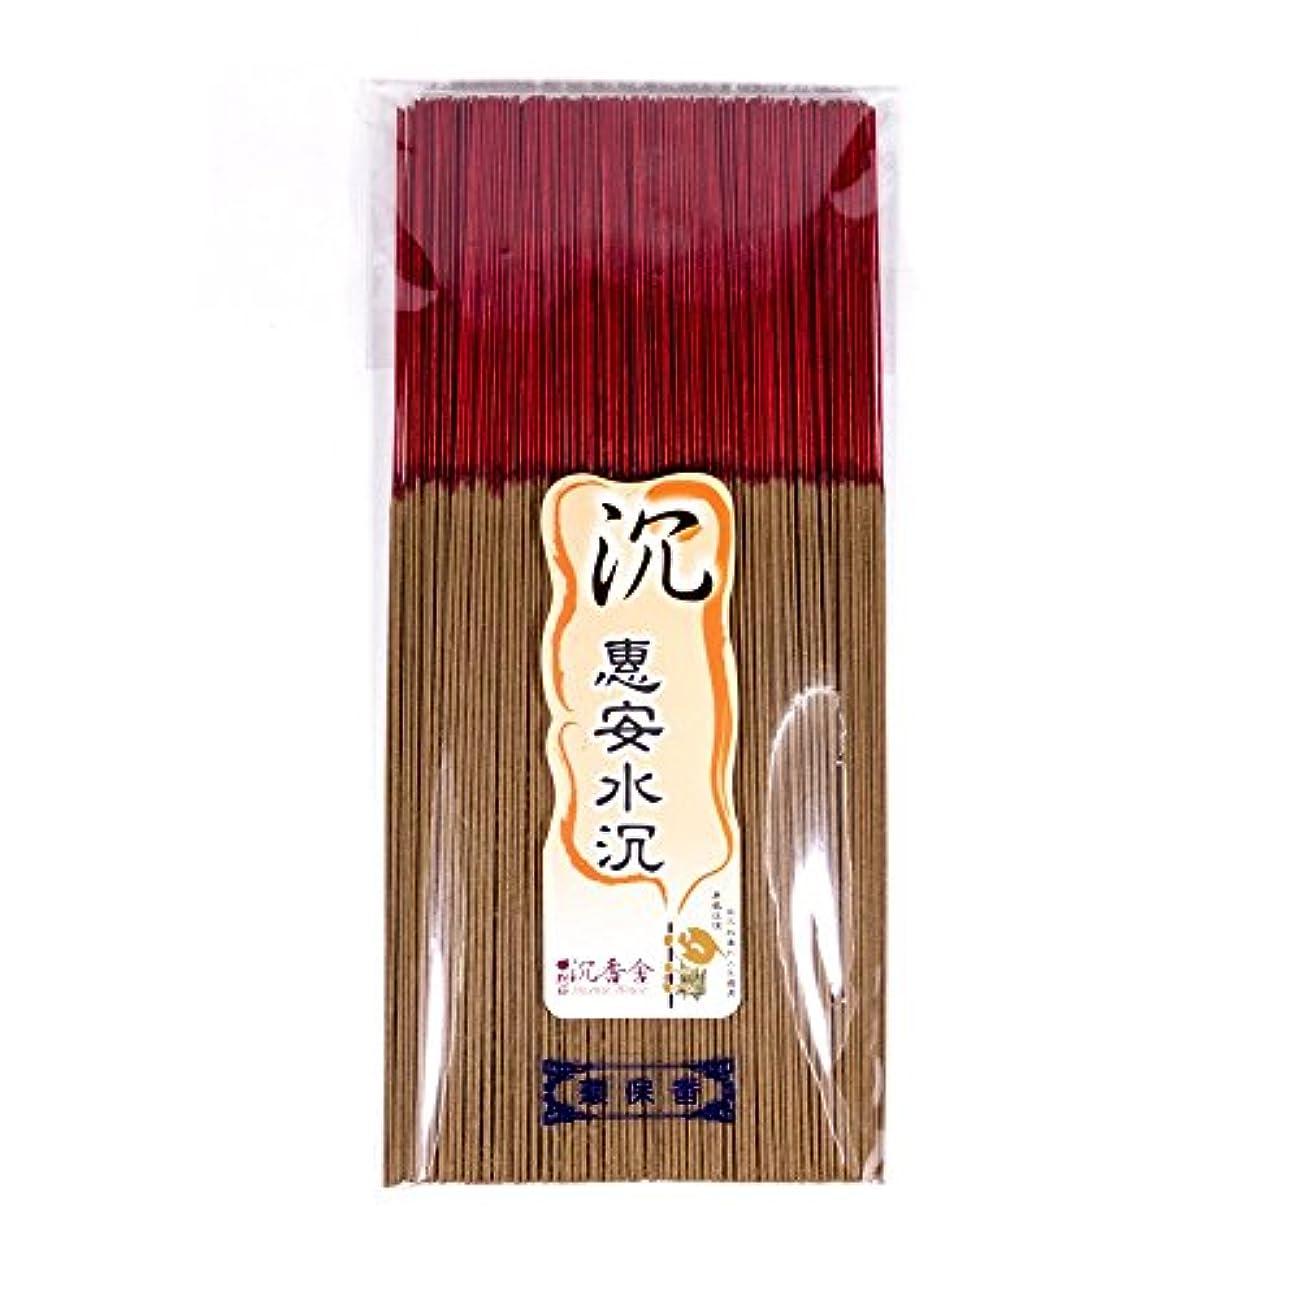 フラッシュのように素早く寄稿者移動台湾沉香舍 惠安水沈香 台湾のお香家 - 沈香 30cm (木支香) 300g 約400本